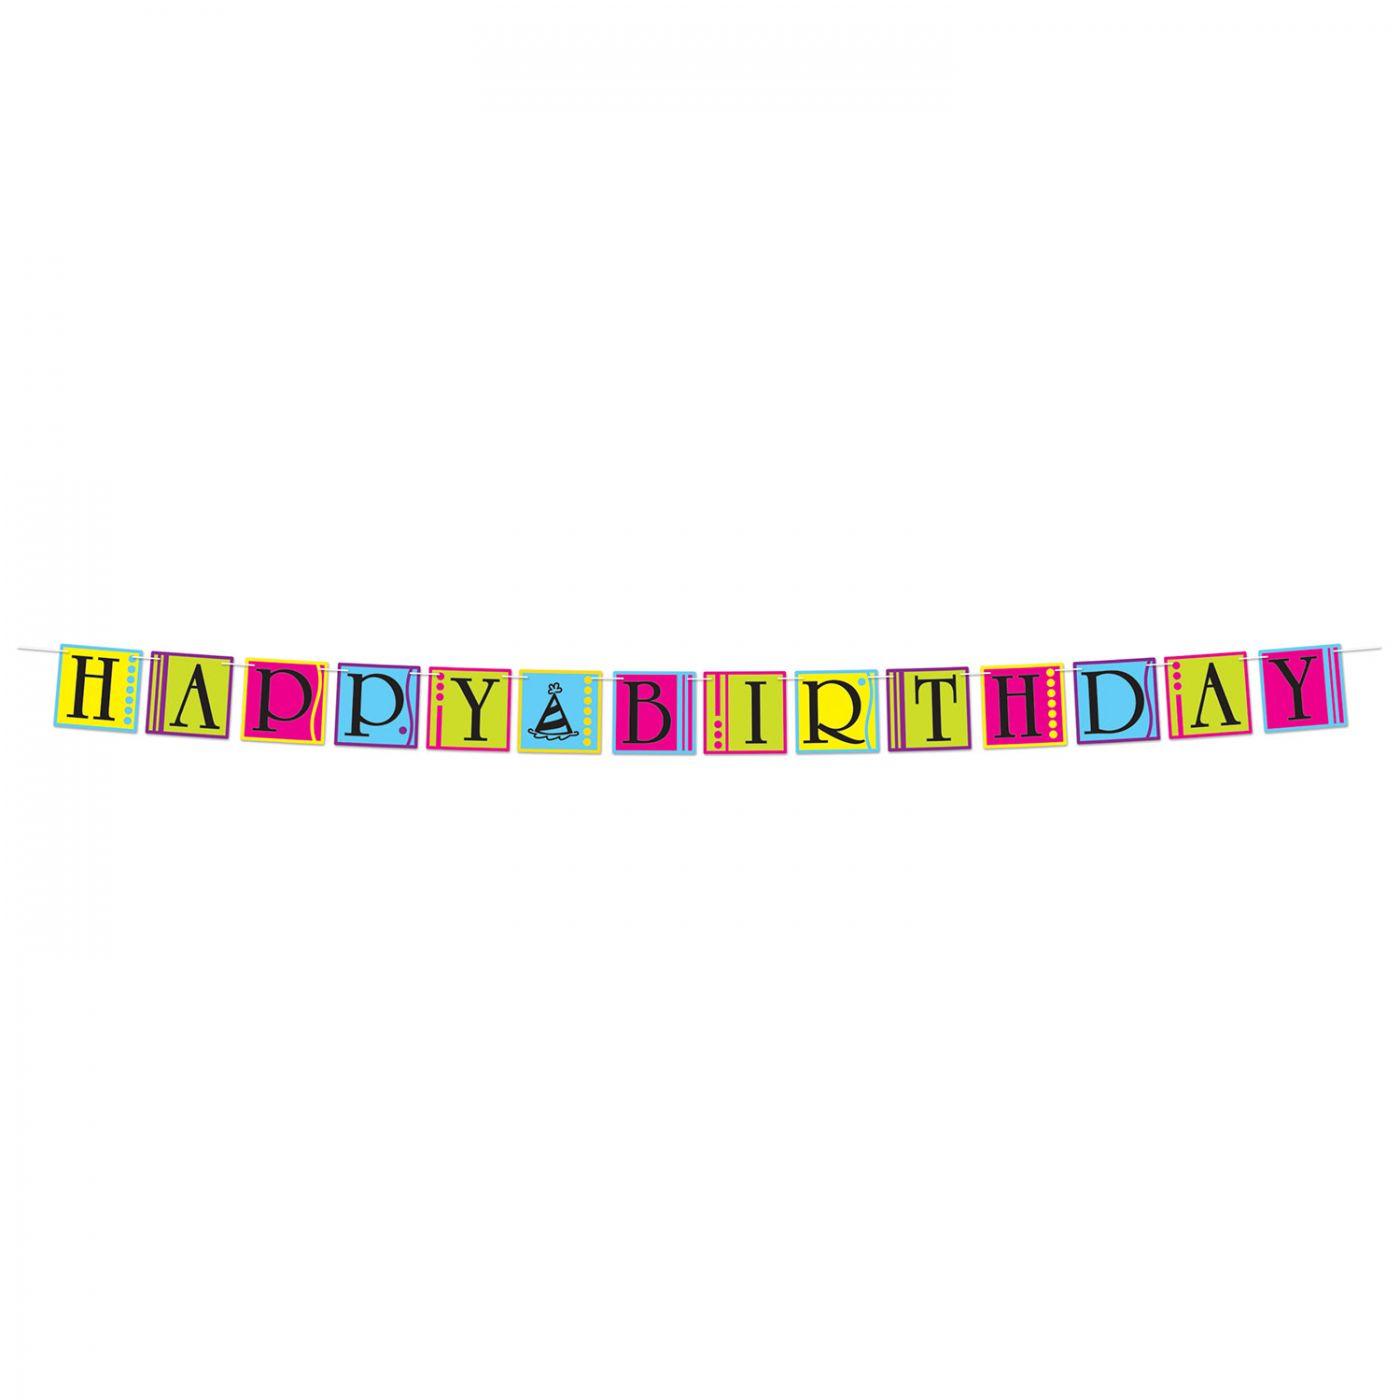 Happy Birthday Streamer image